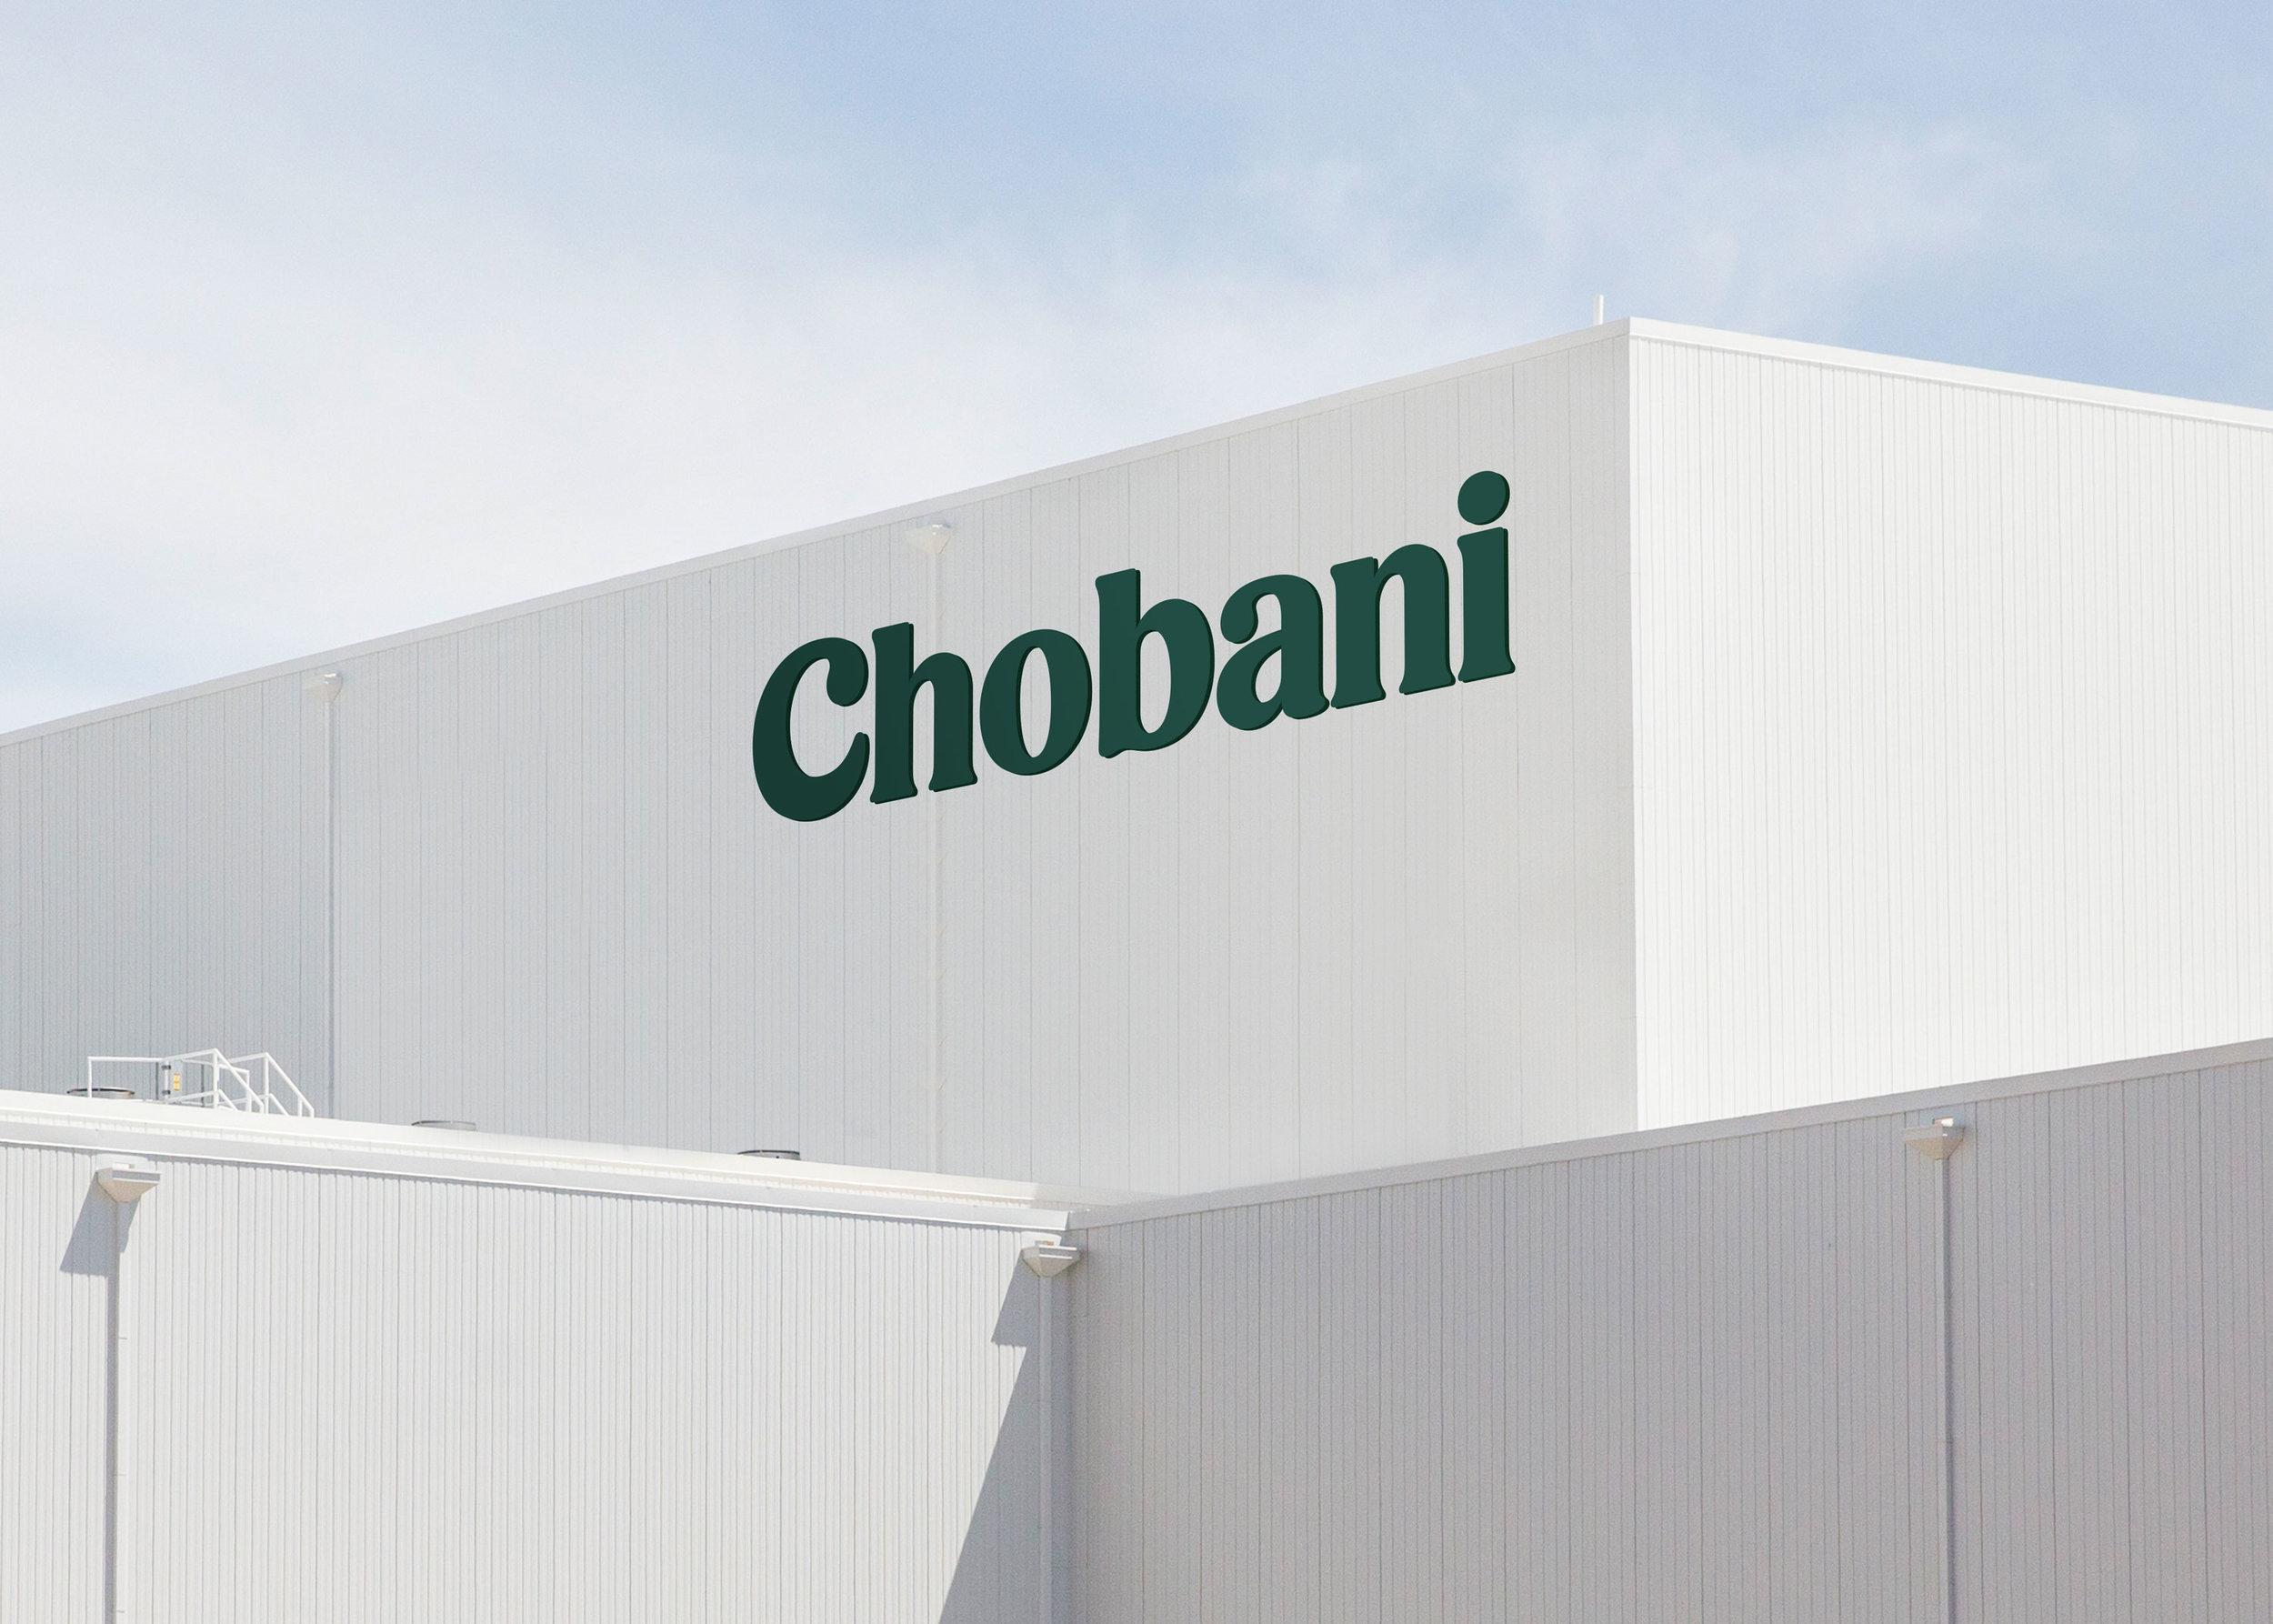 chobani_visID_plant_RGB.jpg